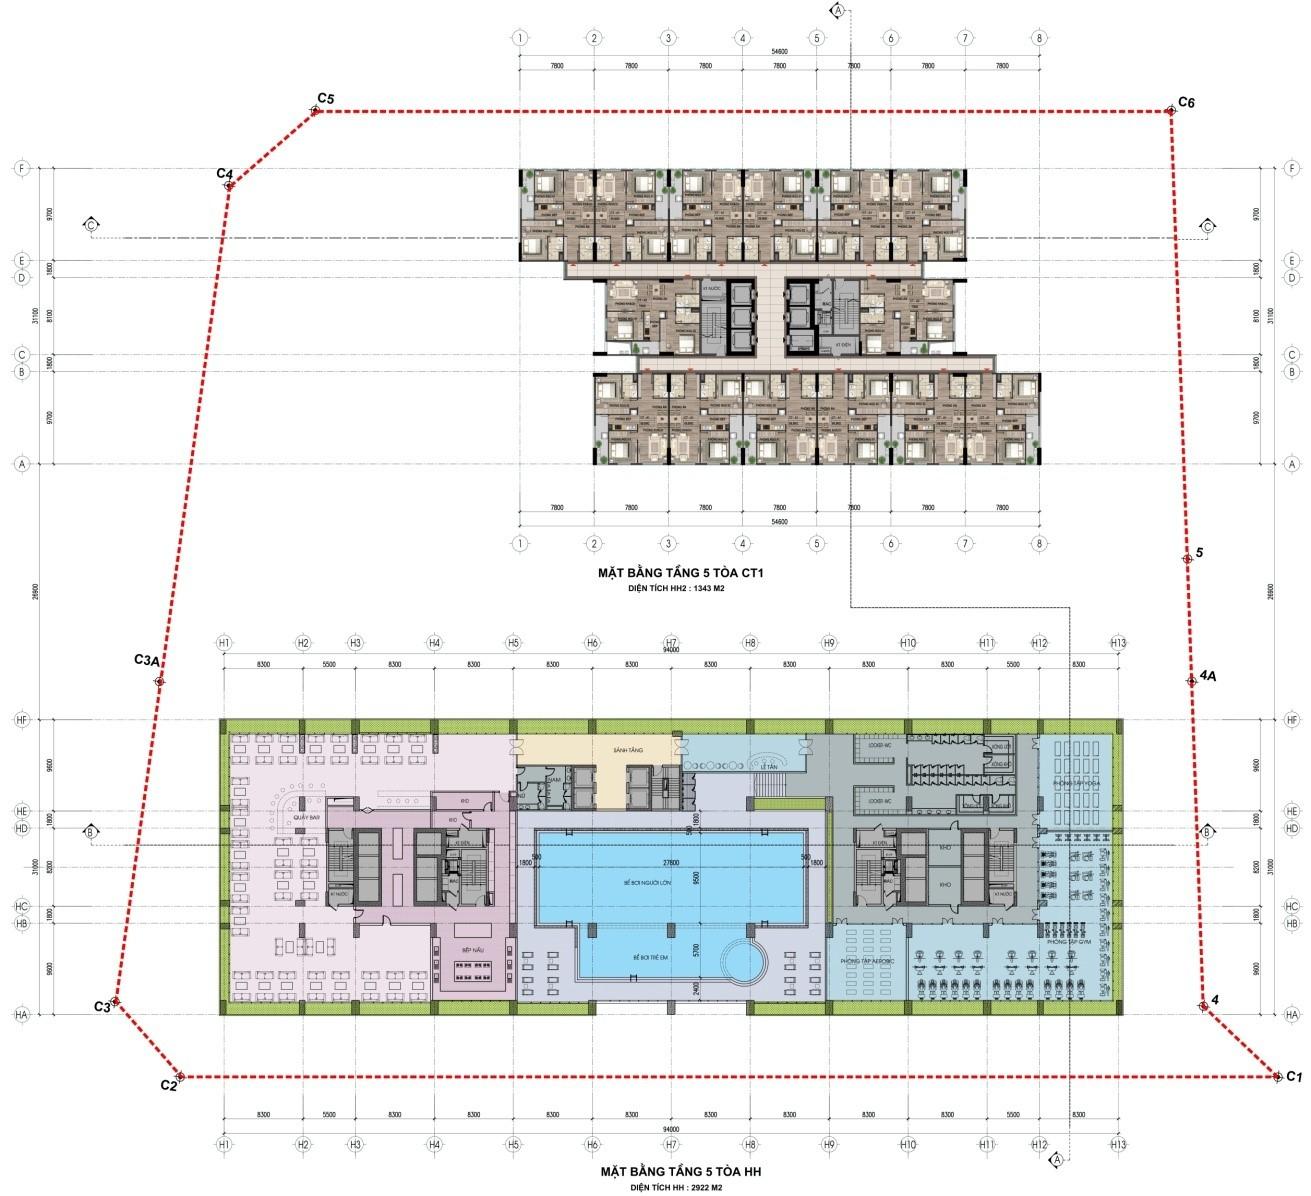 Mặt bằng tầng 5 tòa HH và CT1